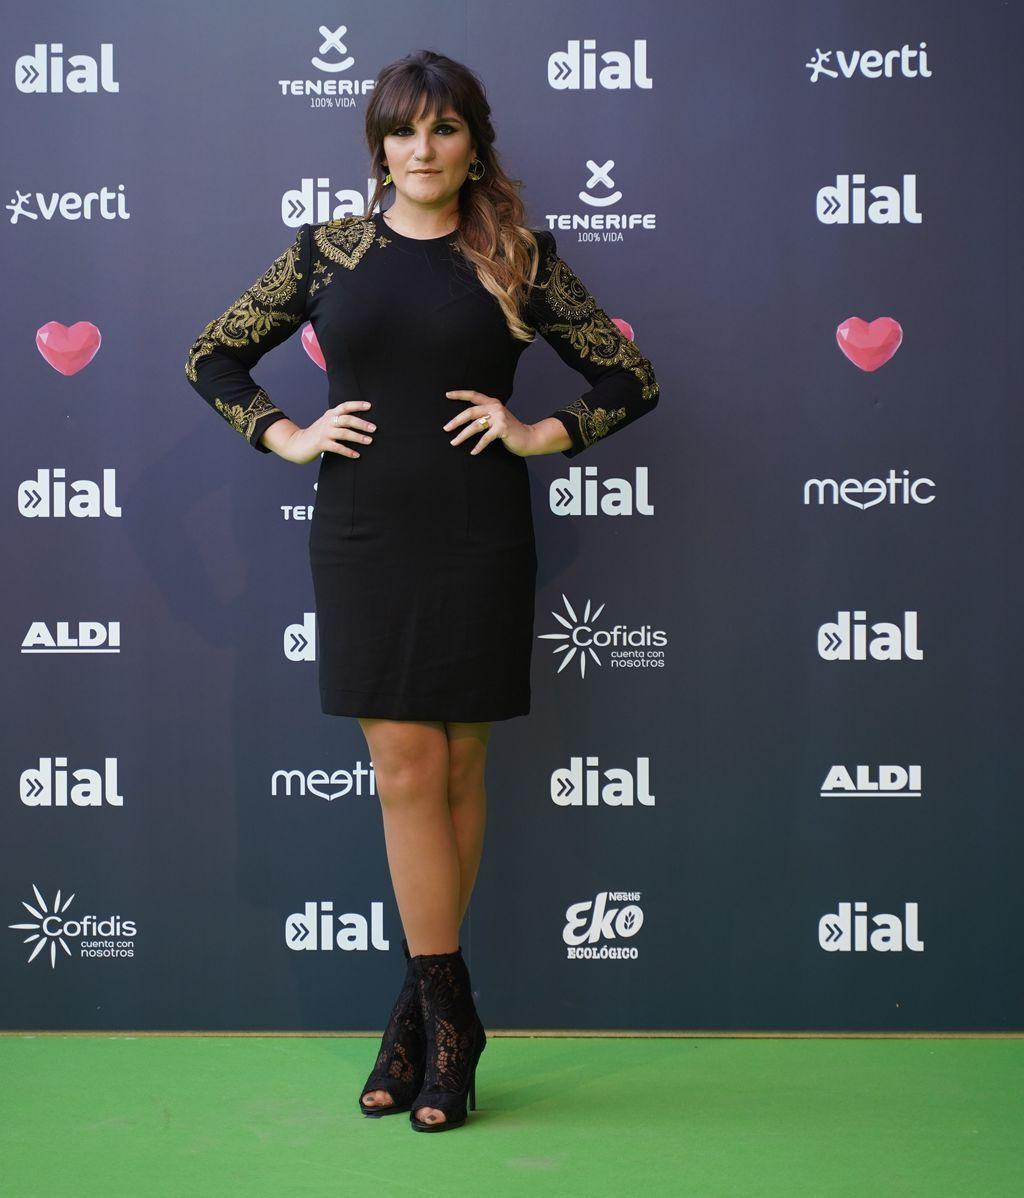 Rozalen con mini vestido negro bordado en dorado